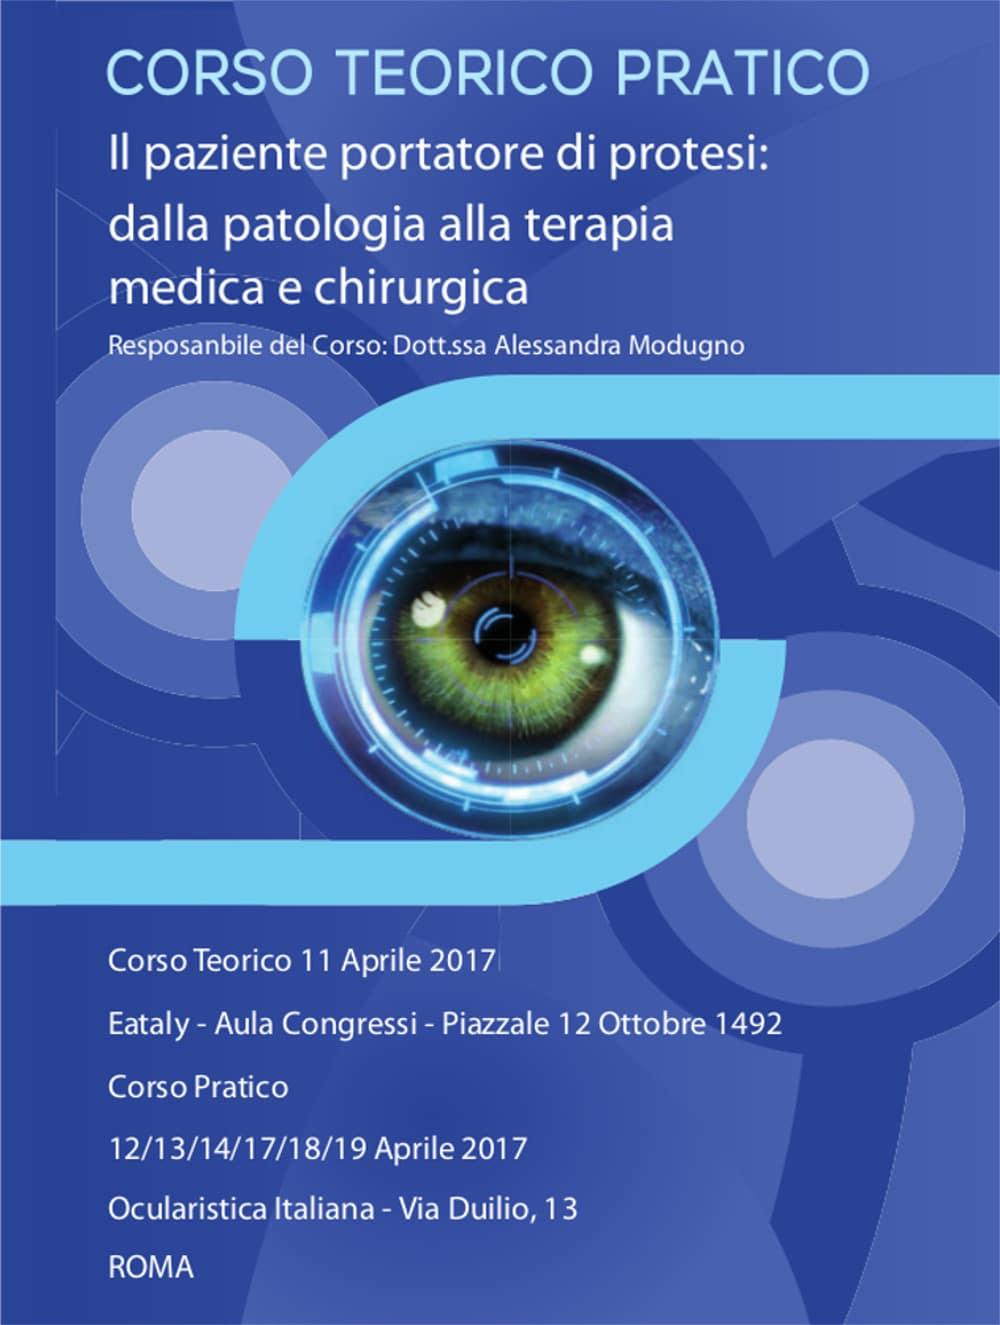 11.04.17 - Roma | Corso Teorico Pratico